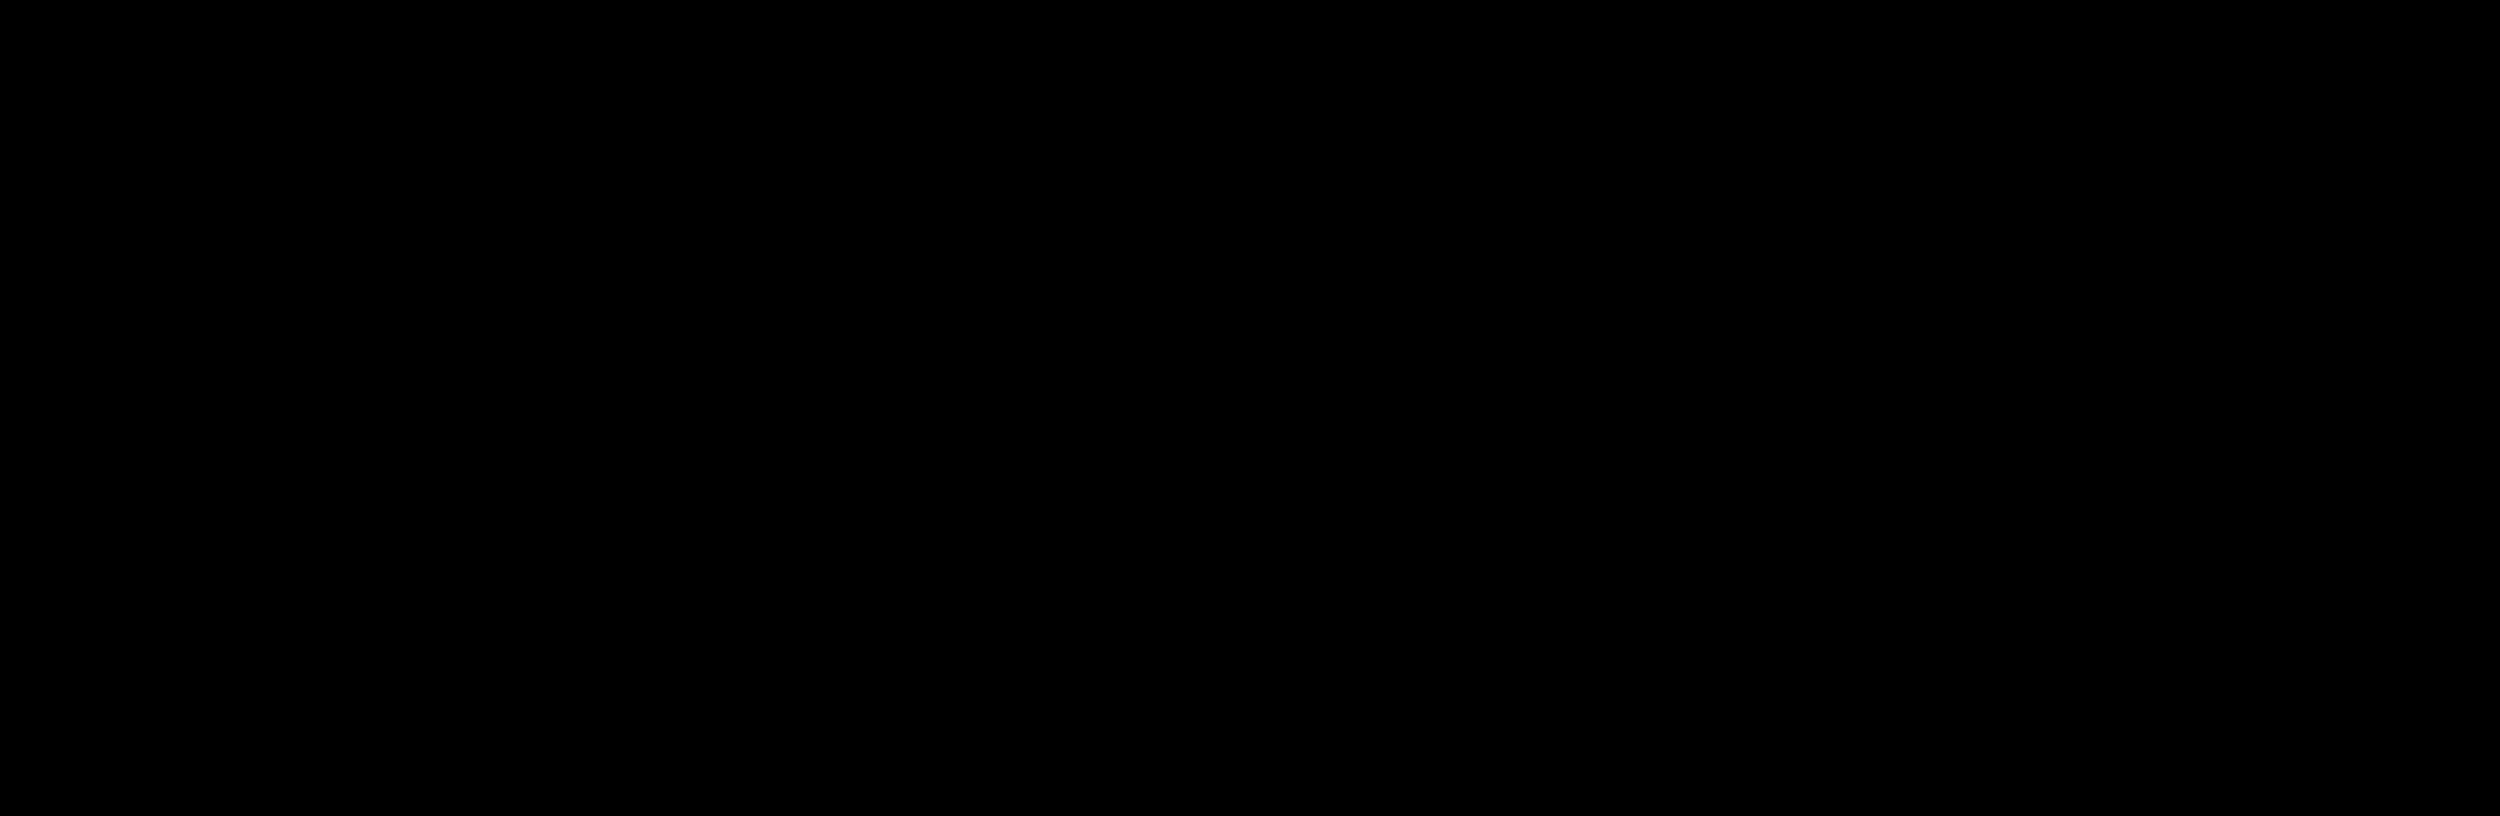 AU_full_black.png